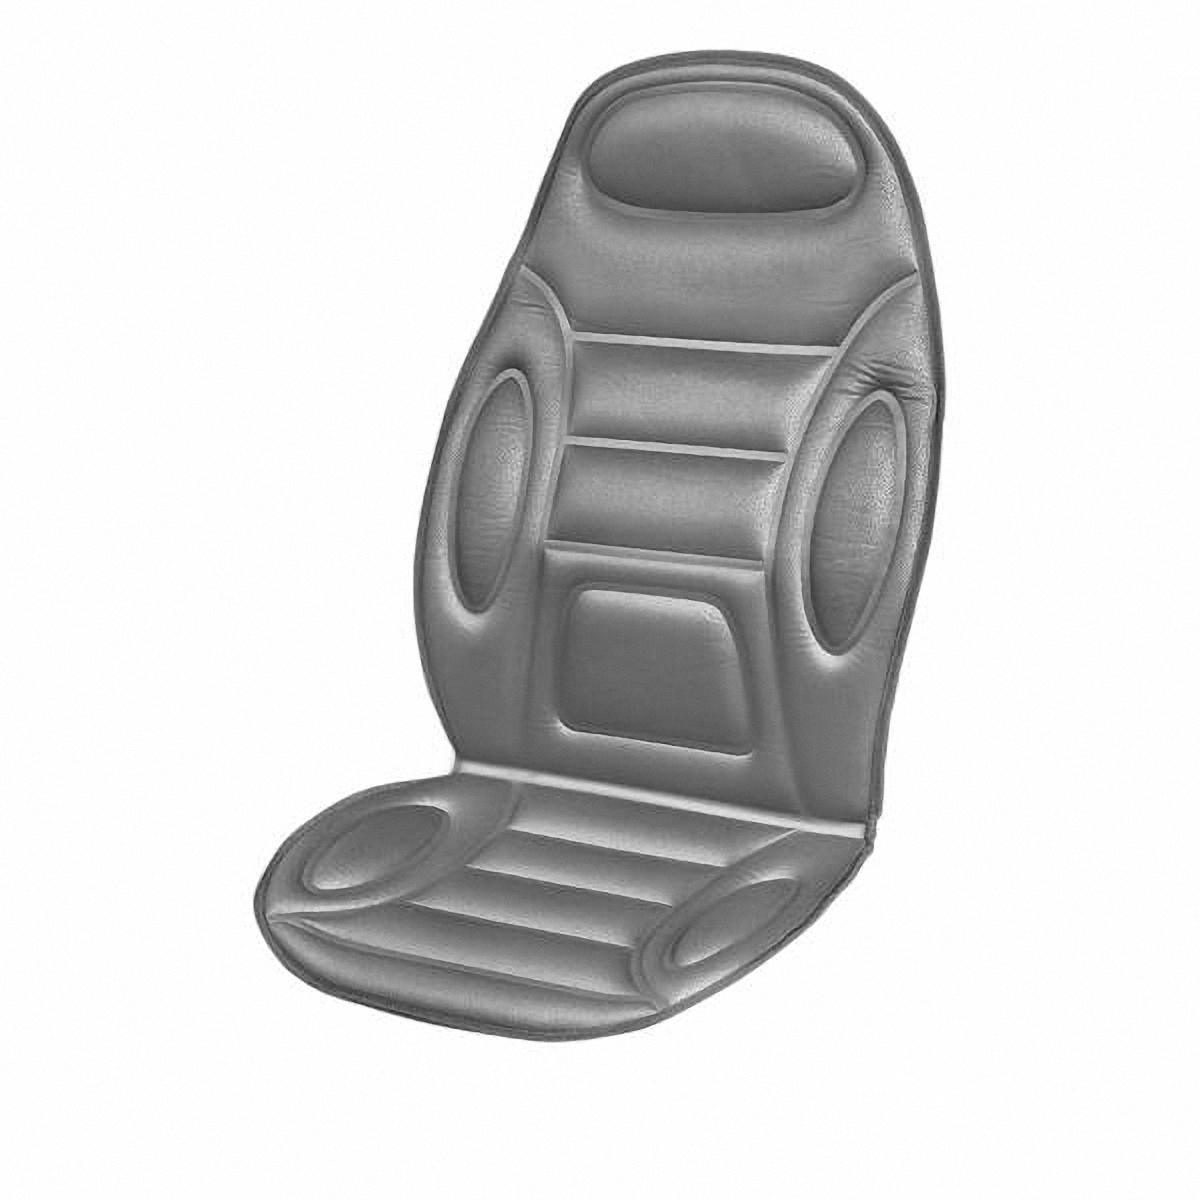 Накидки автомобильные Skyway, массажные, с подогревом. S02201014S02201014 (Накидка)Накидка сиденья массажная SKYWAY вибромассаж, подогрев поясничной зоны 12 V Темно-серый S02201014 - предназначена для использования дома,в офисе или в автомобиле. Массажная накидка на кресло незаменима для людей, ведущих малоподвижный образ жизни, таких как водители, офисные работники, люди преклонного возраста. Она будет полезна и людям, занимающимся спортом, для снятия избыточного напряжения мышц, после тренировки. Подогрев на сиденья – вещь незаменимая в автомобиле, особенно в сезонные холода. Легкий в установке, подогрев на сиденья быстро нагревается до нужной температуры и подходит для всех размеров сидений.